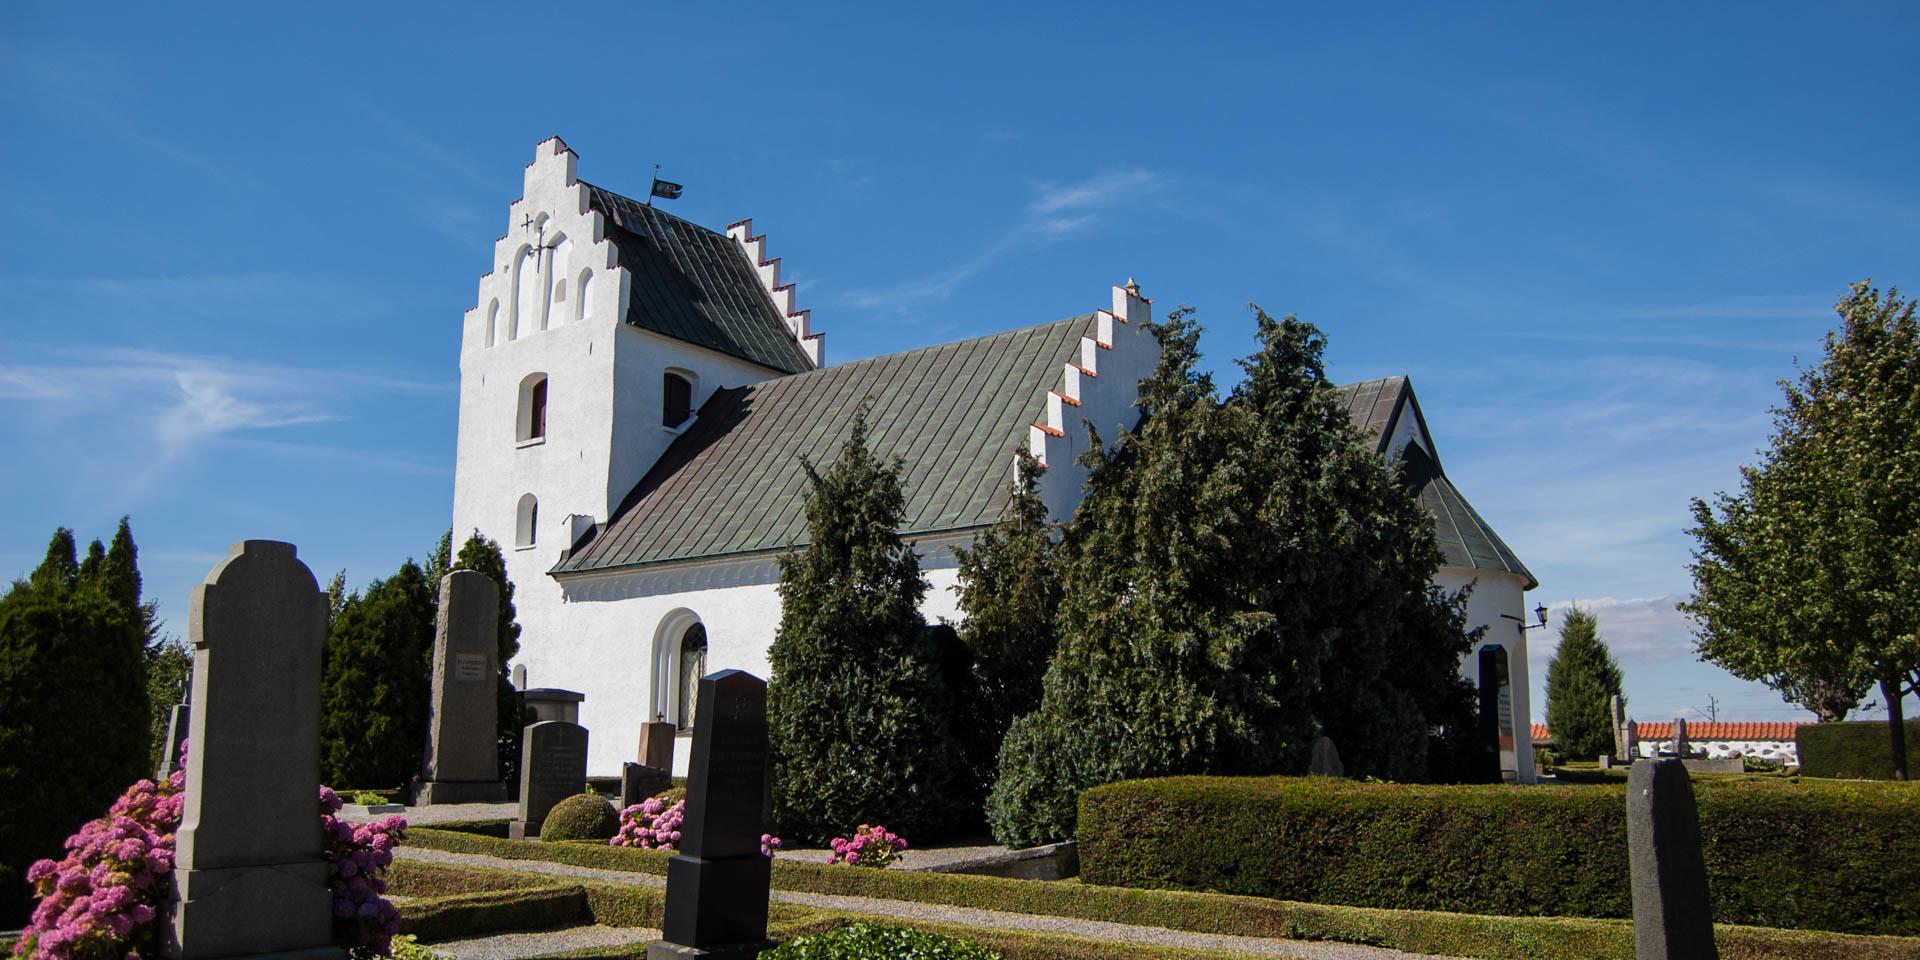 Kyrkoköpinge Kyrka 2015